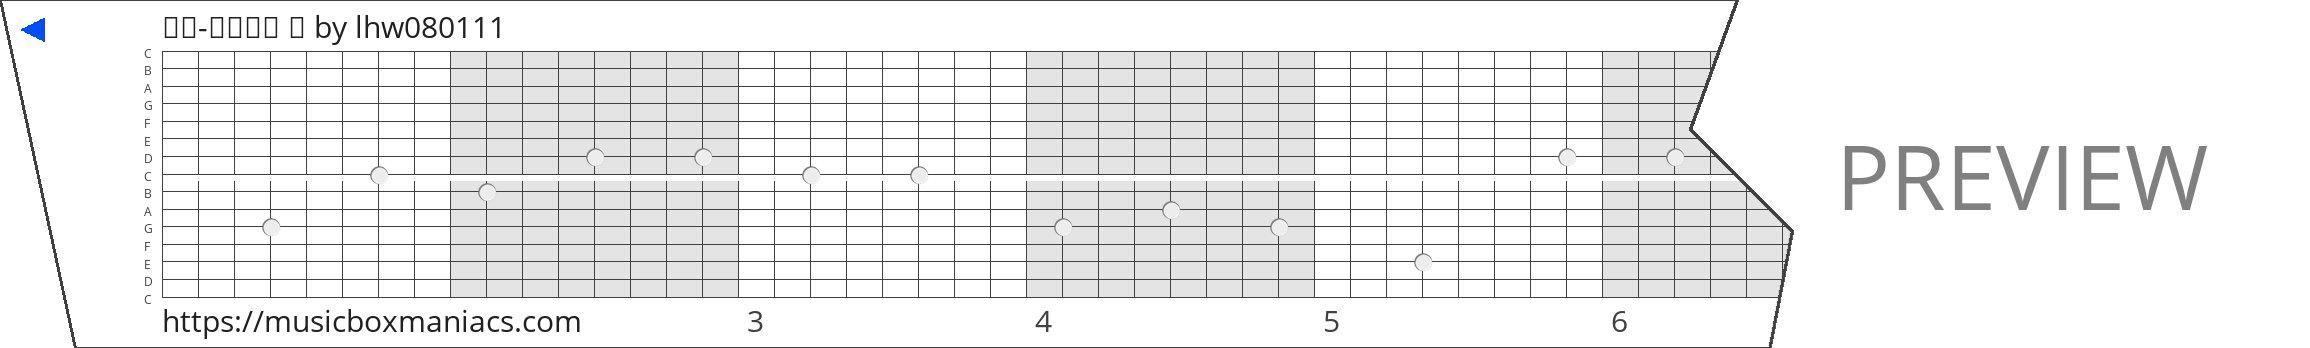 잠뜰-밤을보는 눈 15 note music box paper strip